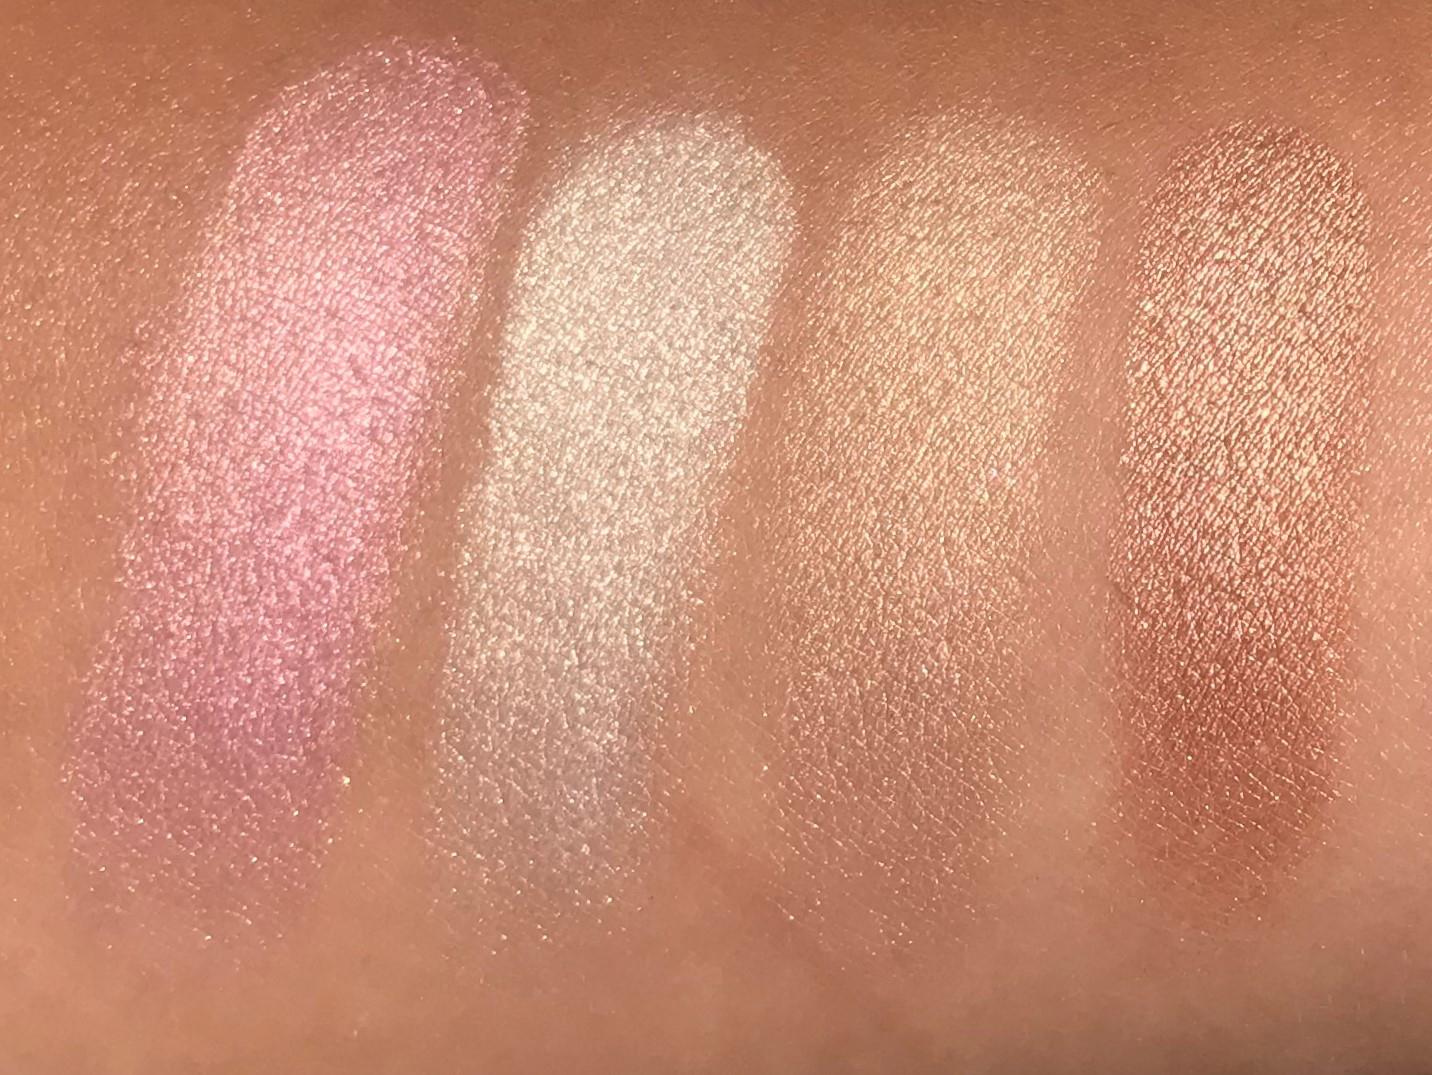 lasplash cosmetics lumos